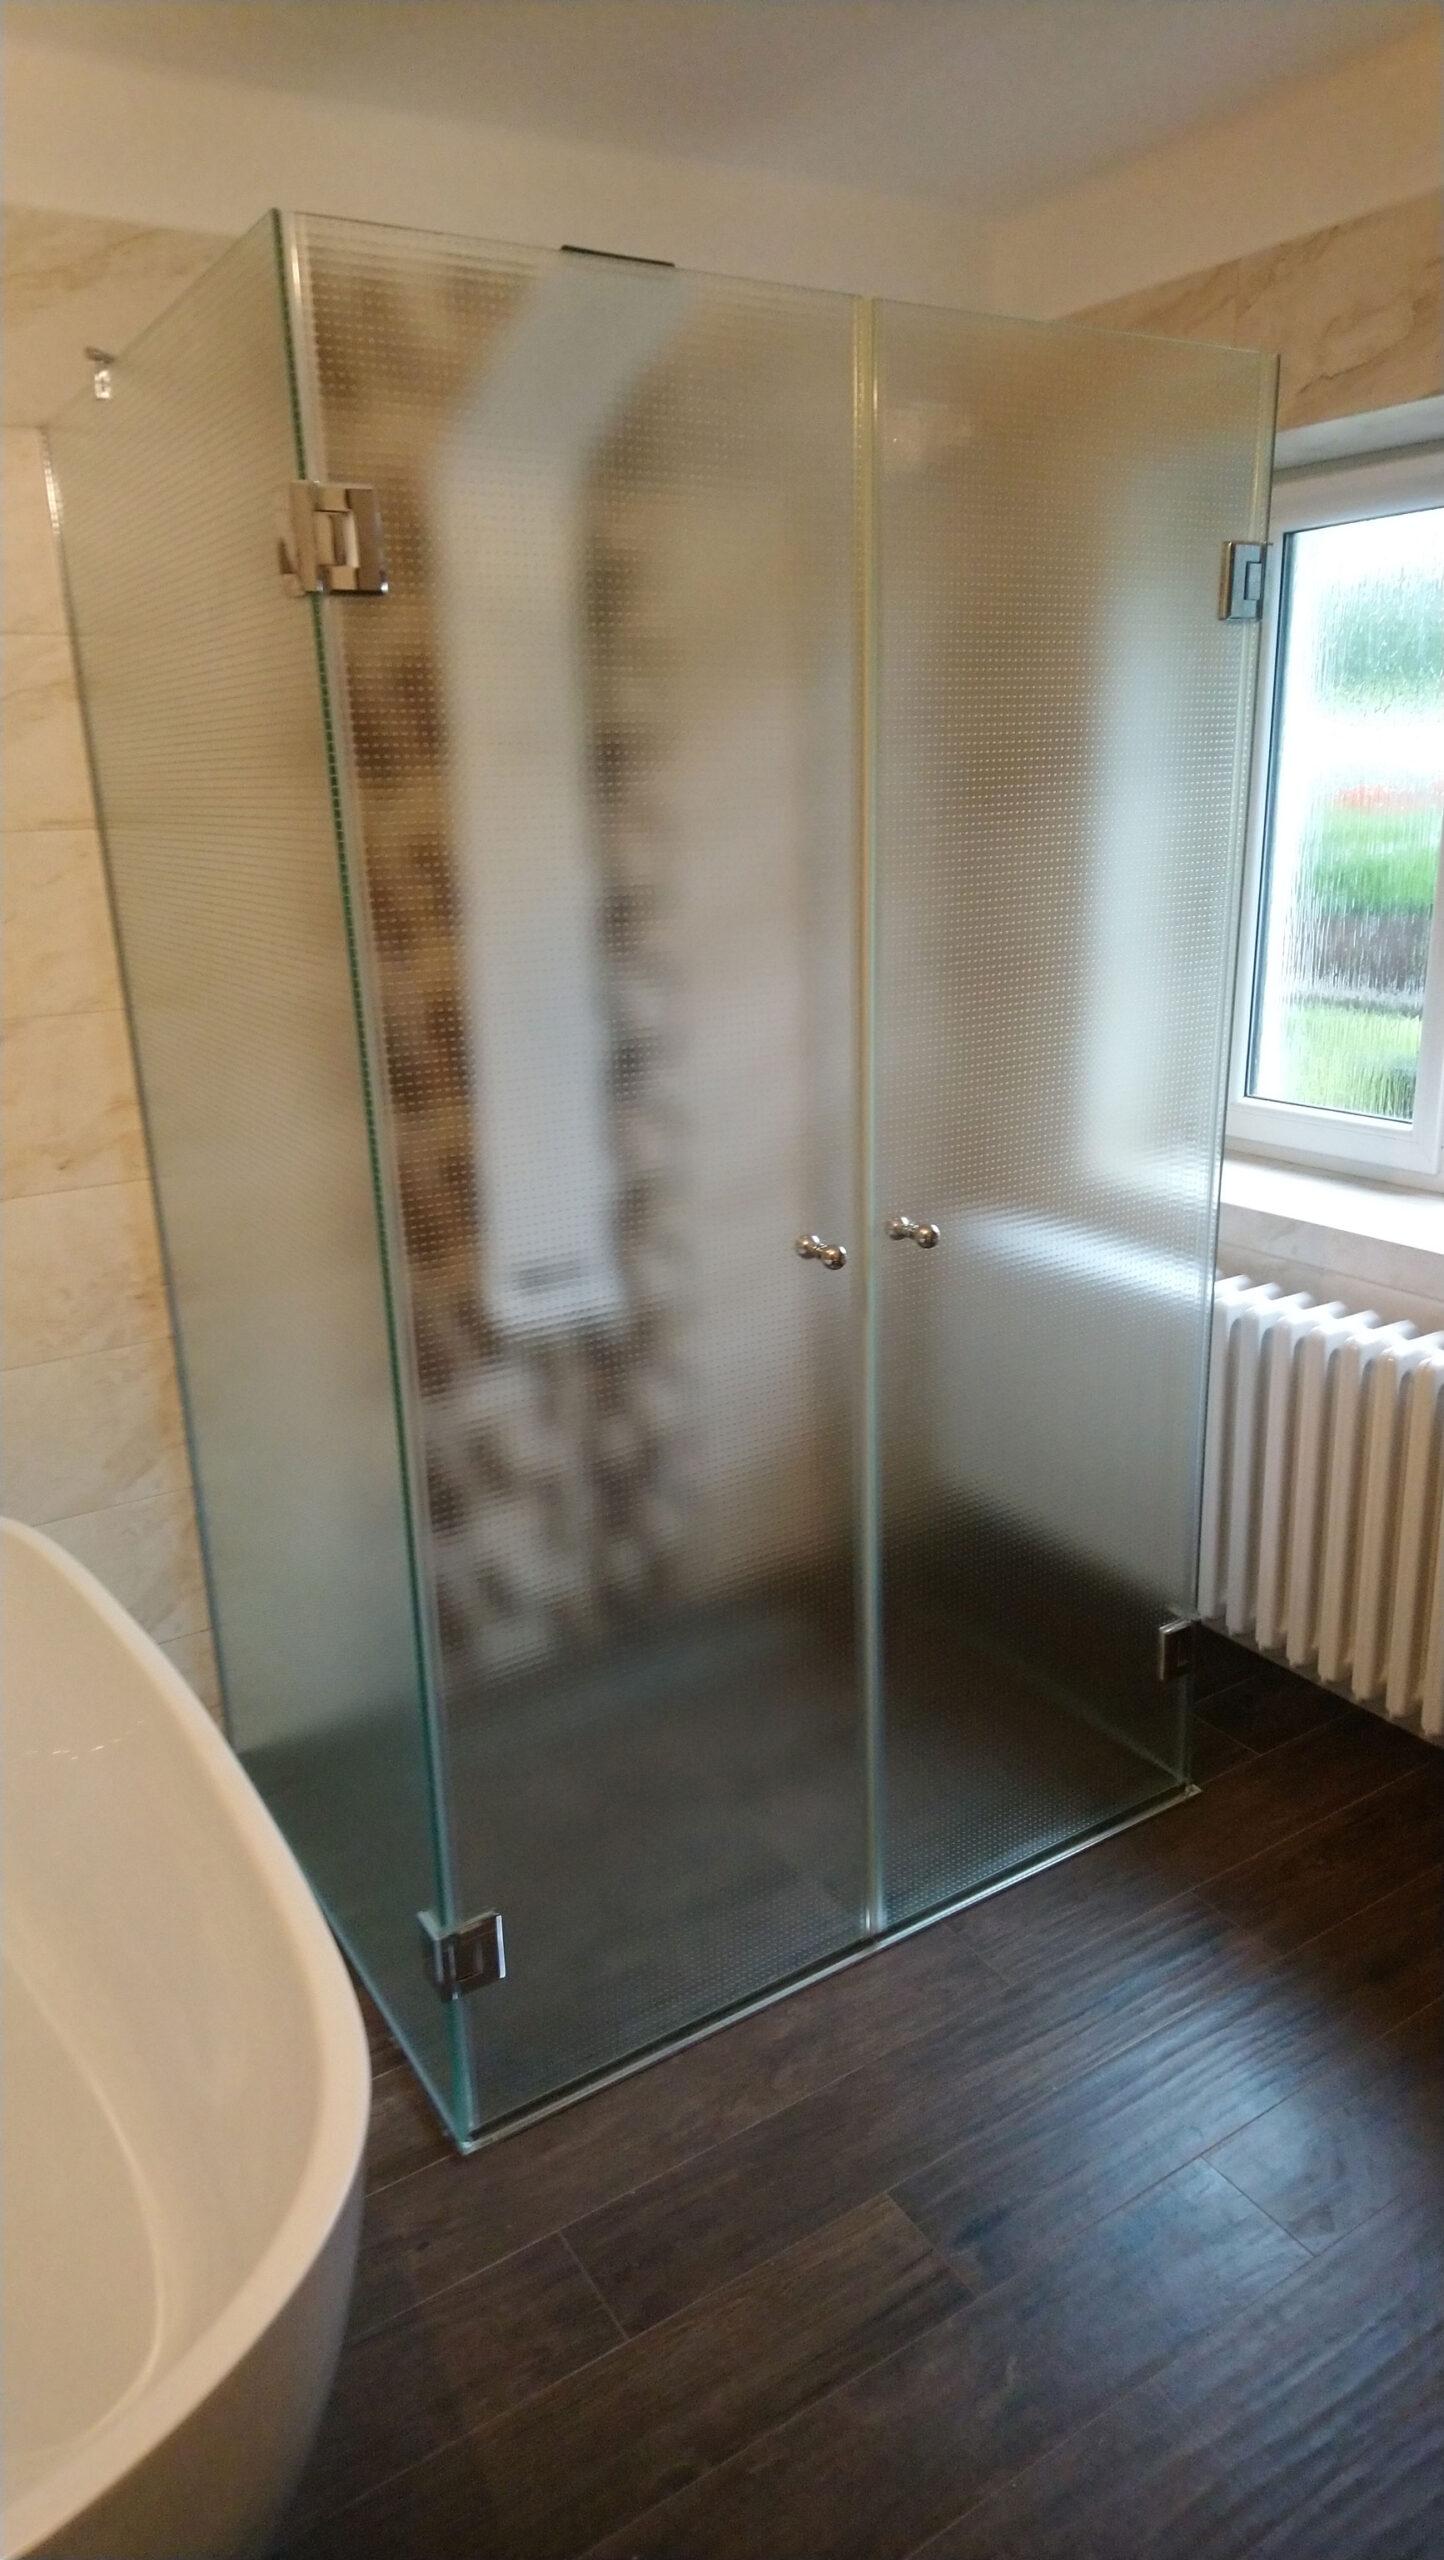 Sklenarstvi-Prerost-sprchove- kouty-a-sprchy (9)